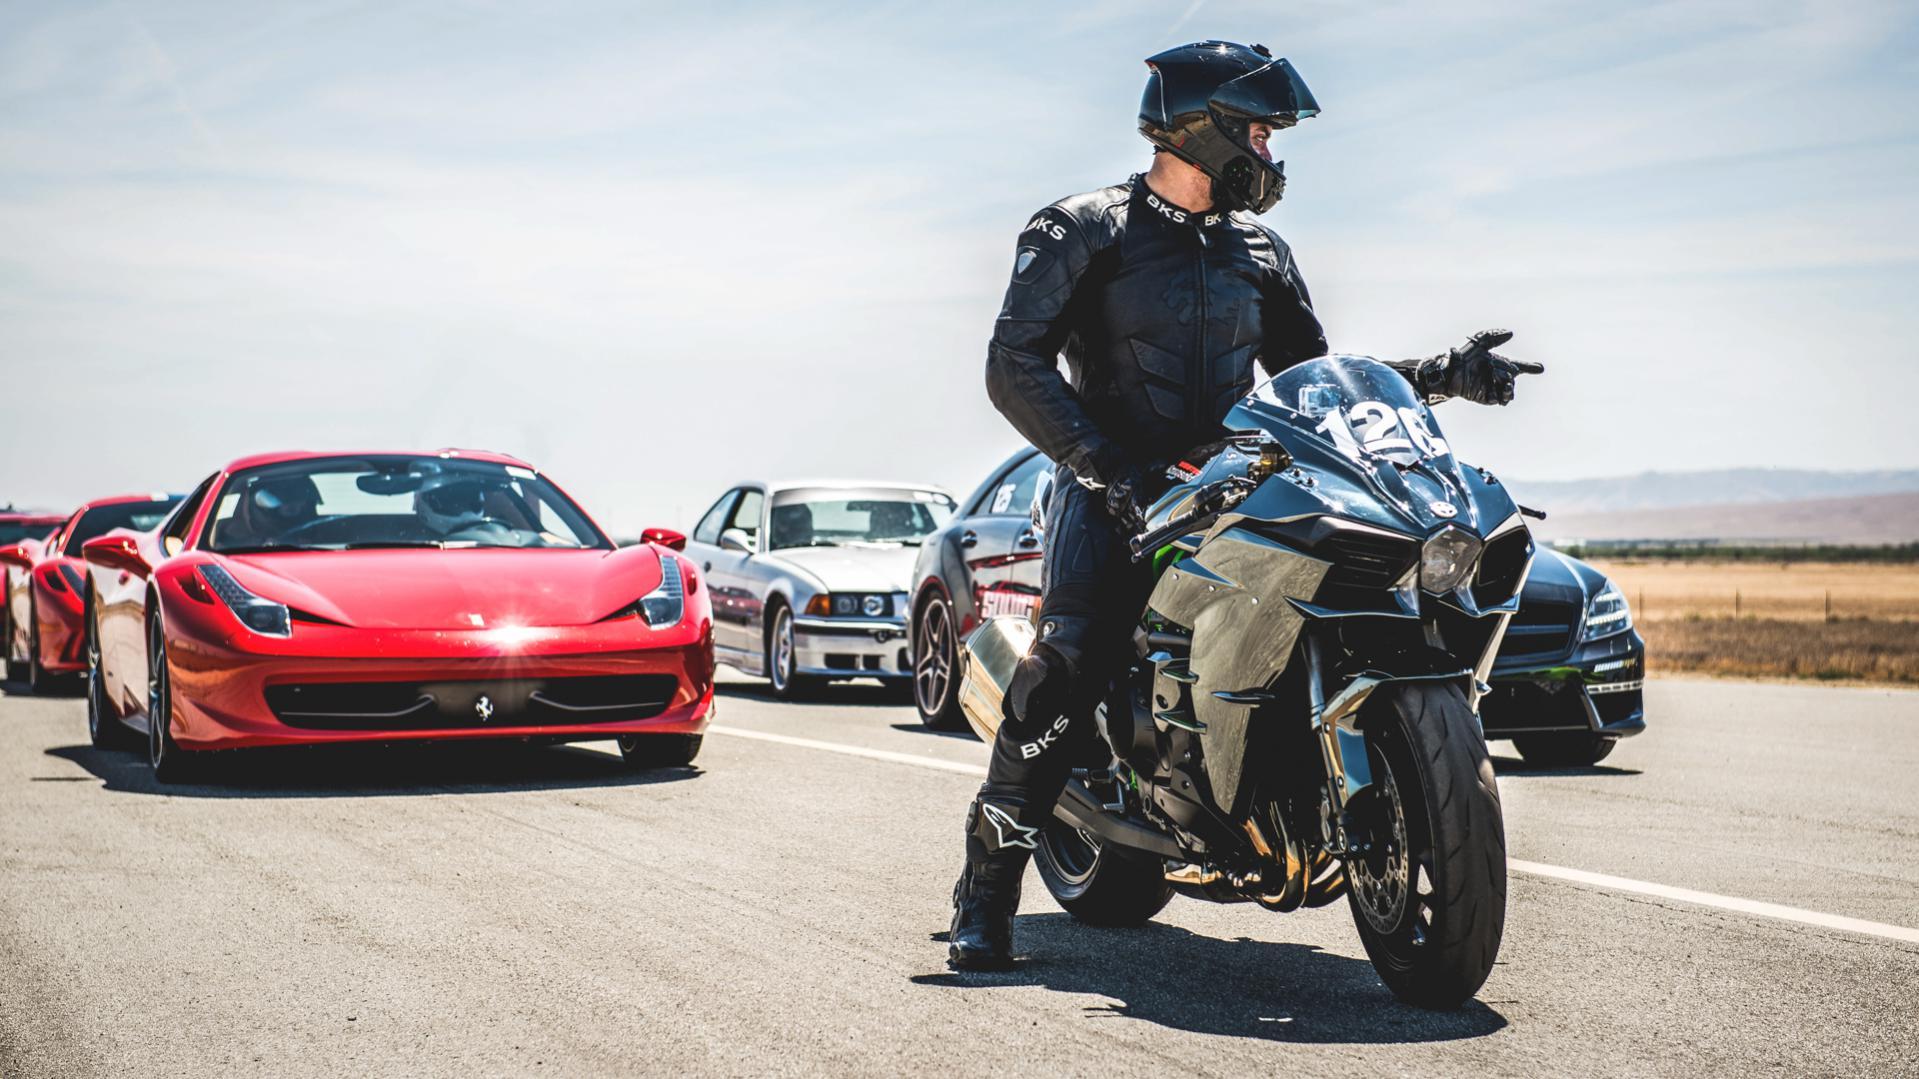 Kawasaki H2 Vs Bmw S1000rr Idea Di Immagine Del Motociclo